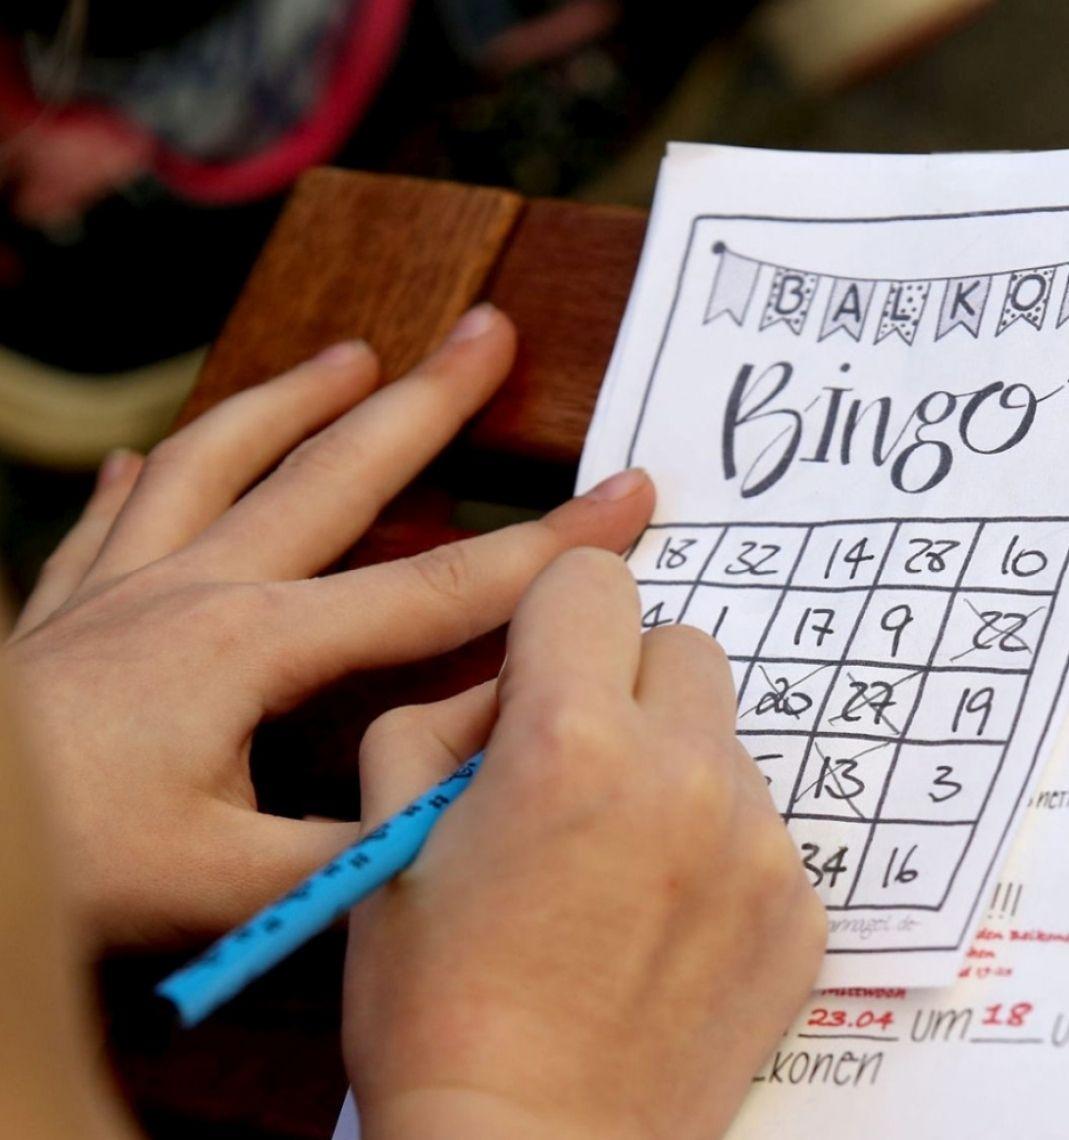 Corona-Sonderprogramme: Hofbespielung mit Balkon-Bingo Von der SZ gelobt, im ZDF gerühmt. Gemeinschaftsgefühl kommt auf, die Zeit vergeht wie im Flug! Die Gewinner bekommen einen Preis aus Ihrem Angebot.